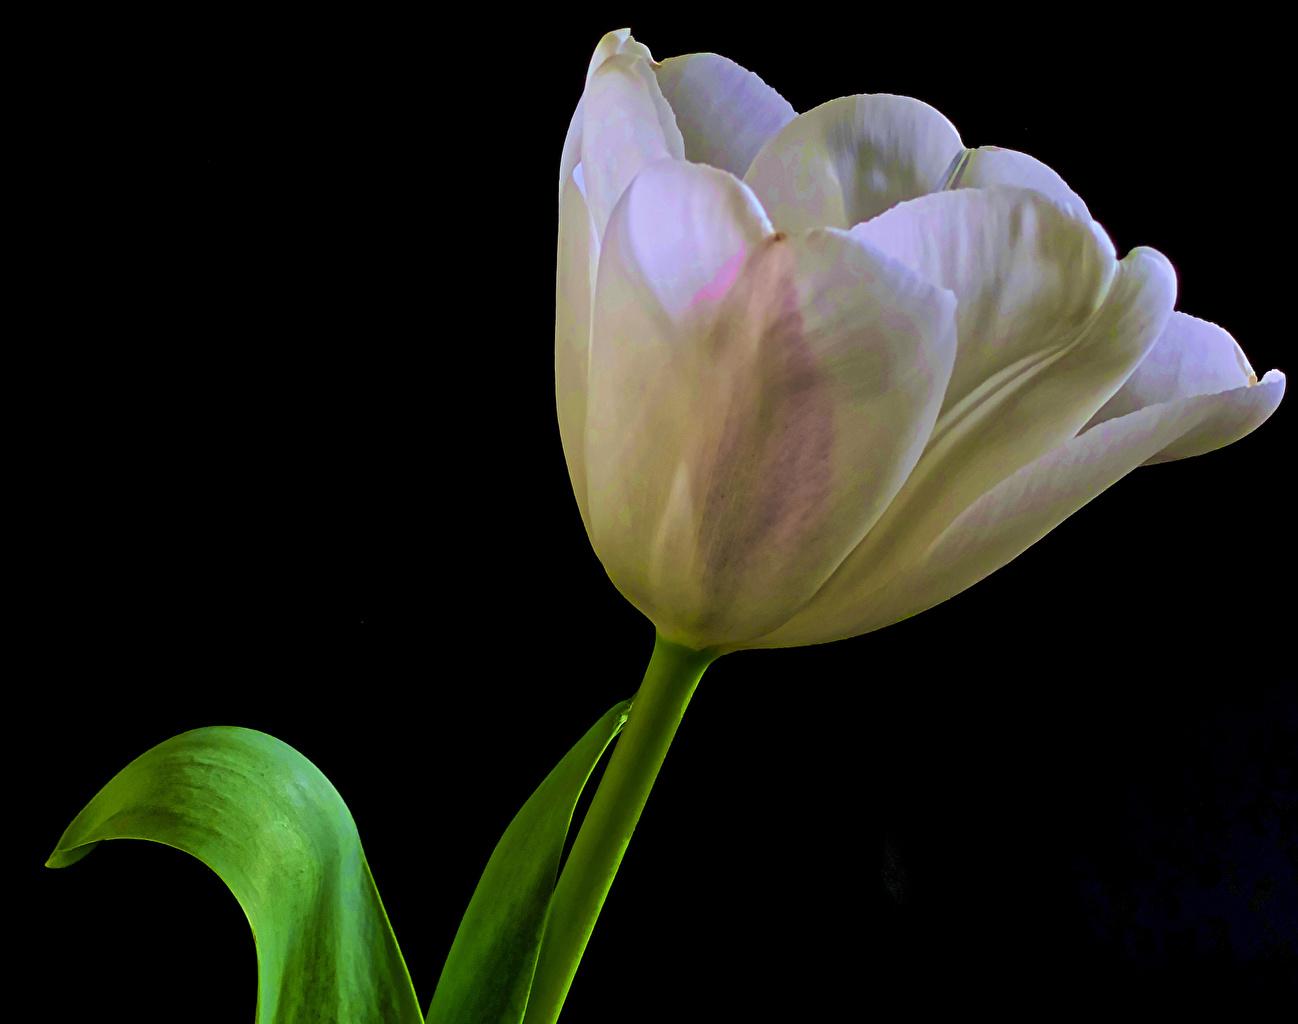 Картинка Белый Тюльпаны цветок вблизи Черный фон белые белая белых тюльпан Цветы на черном фоне Крупным планом